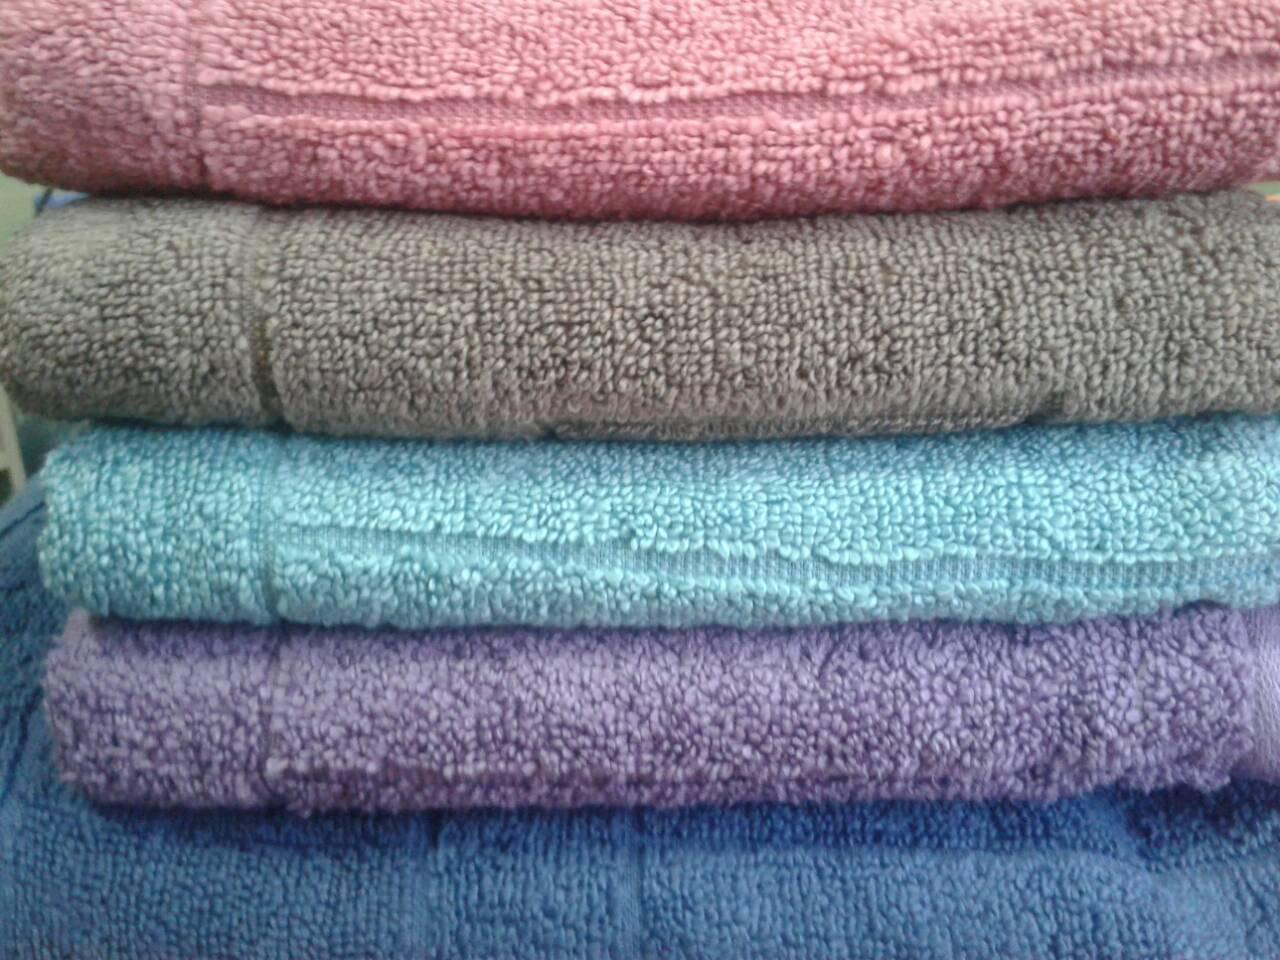 Индийский производитель махровых полотенец ТМTerry Lux ― успешно продолжает удивлять дизайнерскими новинками